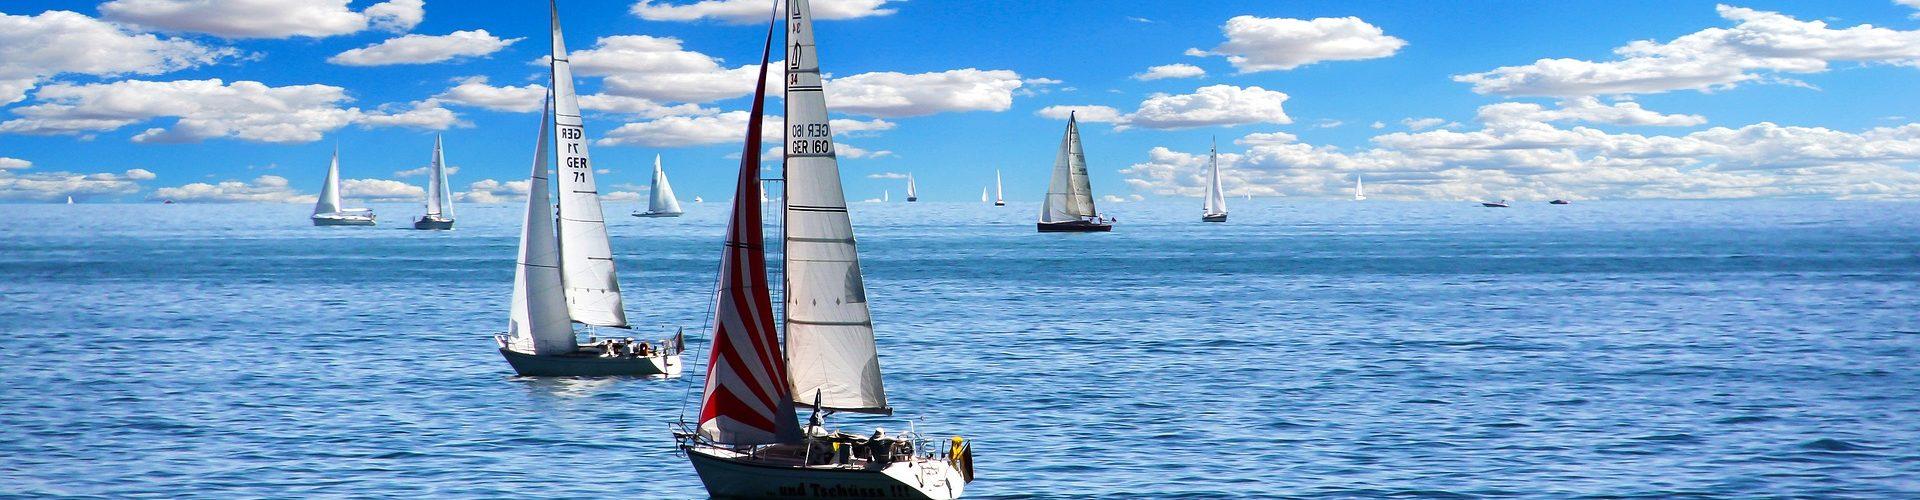 segeln lernen in Glückstadt segelschein machen in Glückstadt 1920x500 - Segeln lernen in Glückstadt